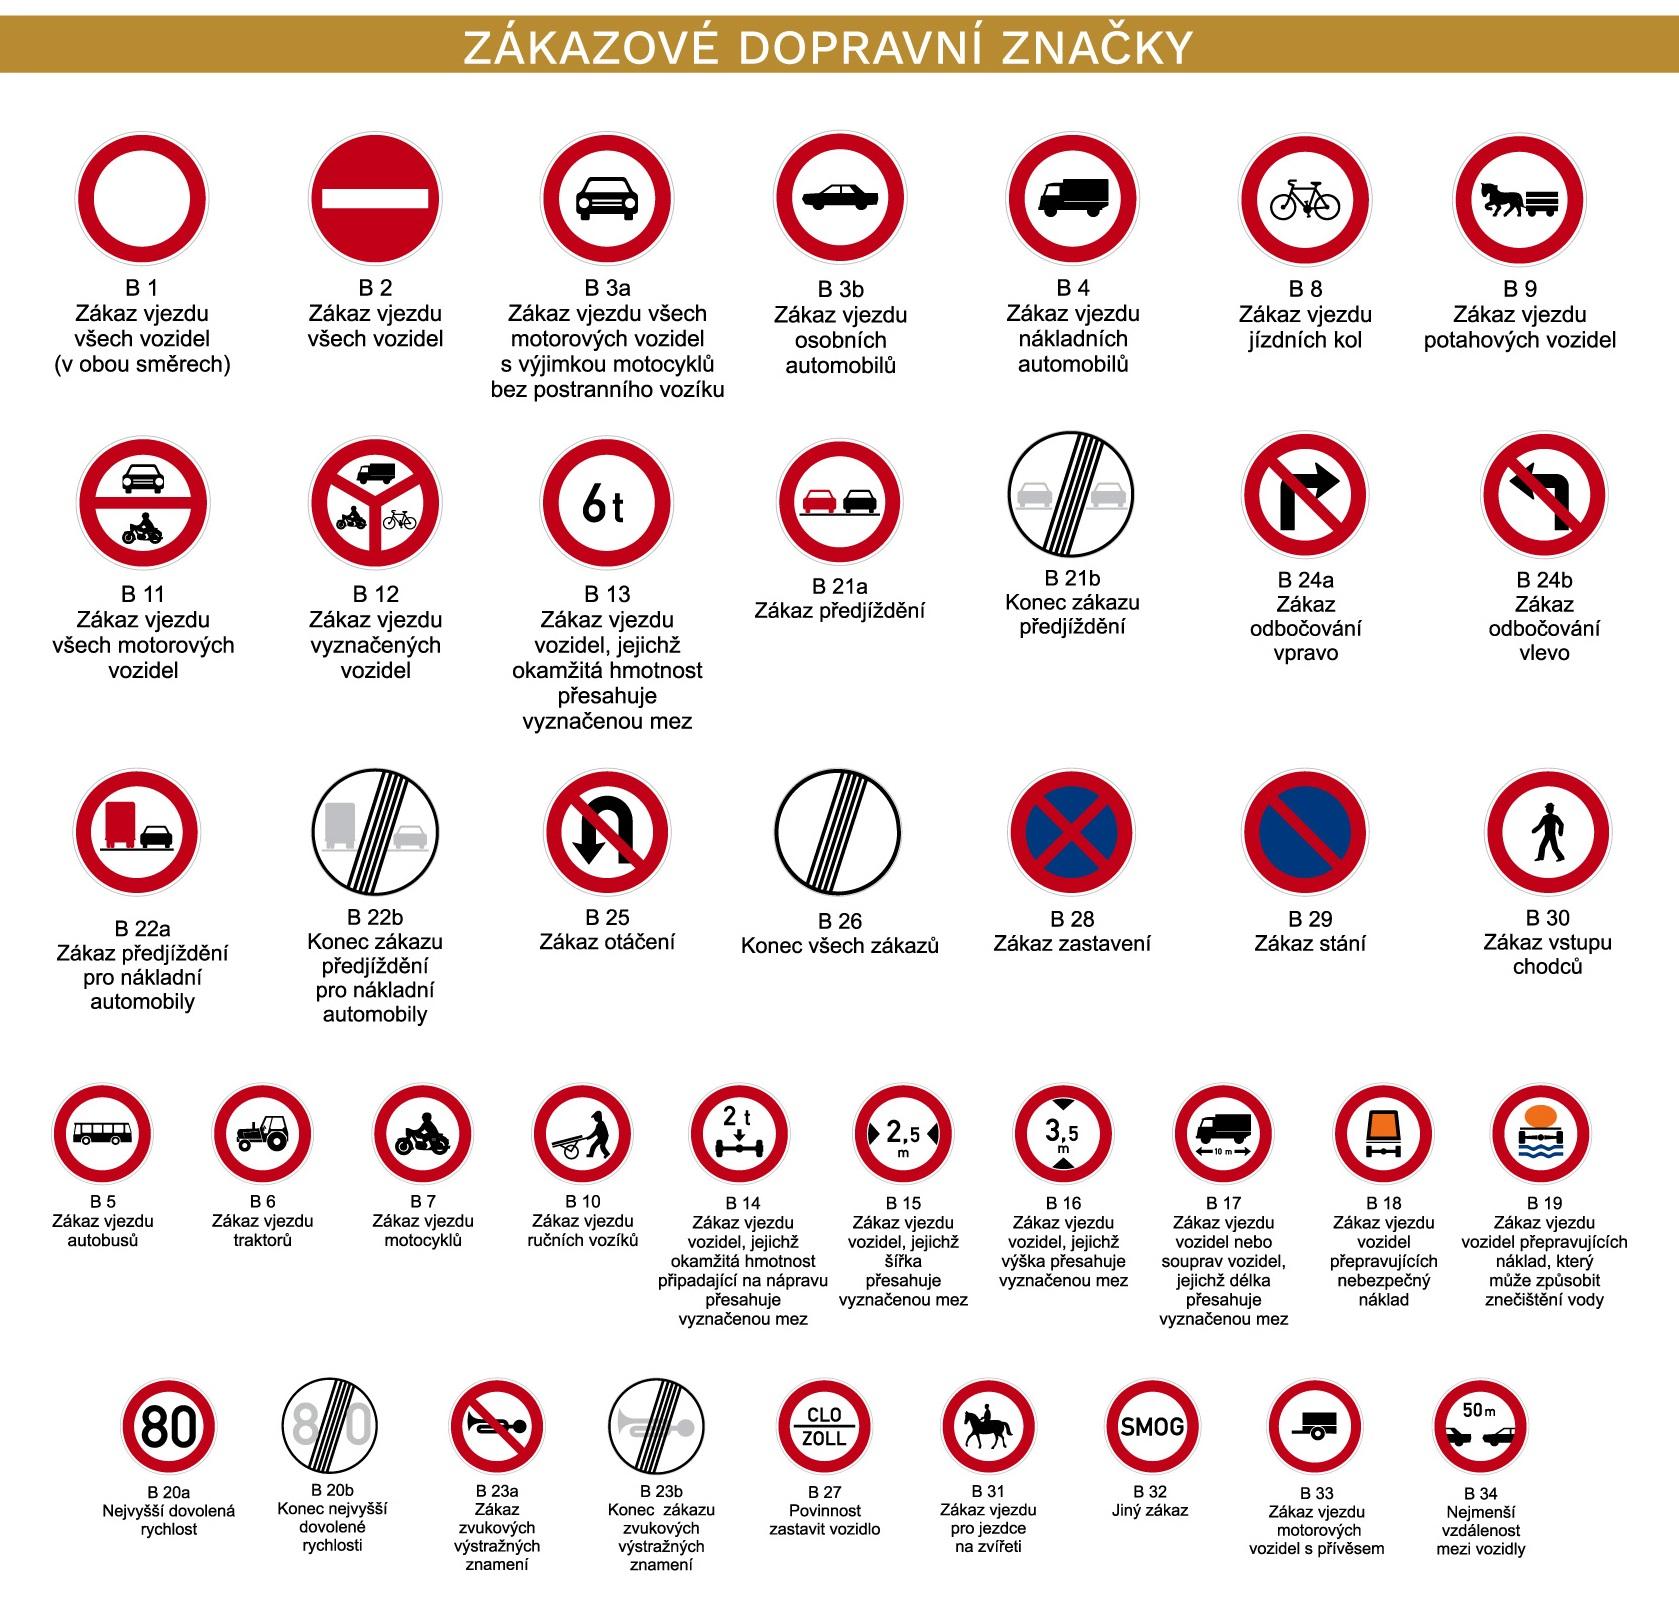 Dopravní značky zákazové